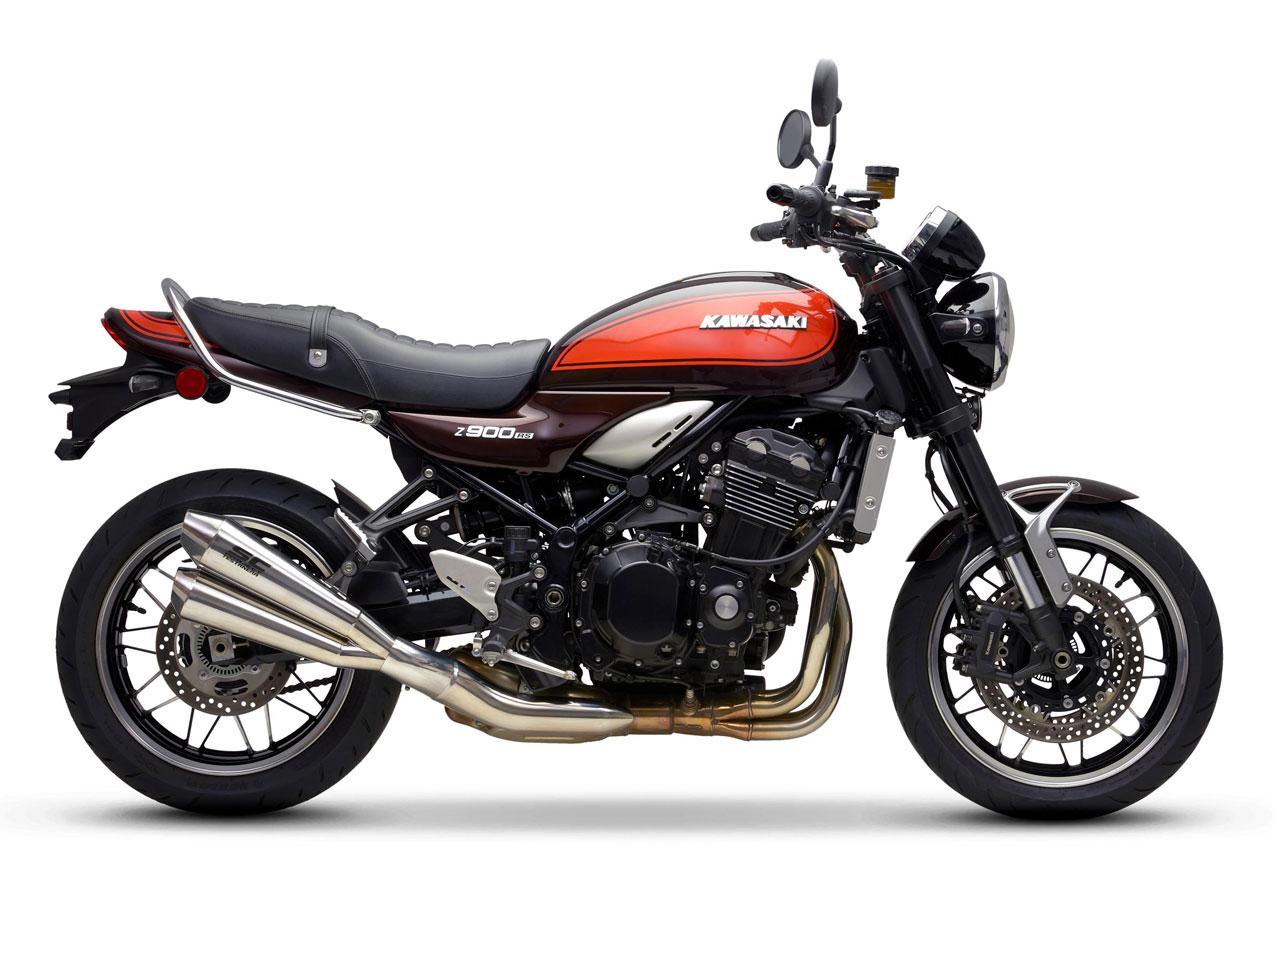 Kawasaki-Z900RS-Testanera_Lato_1280x960px_Web